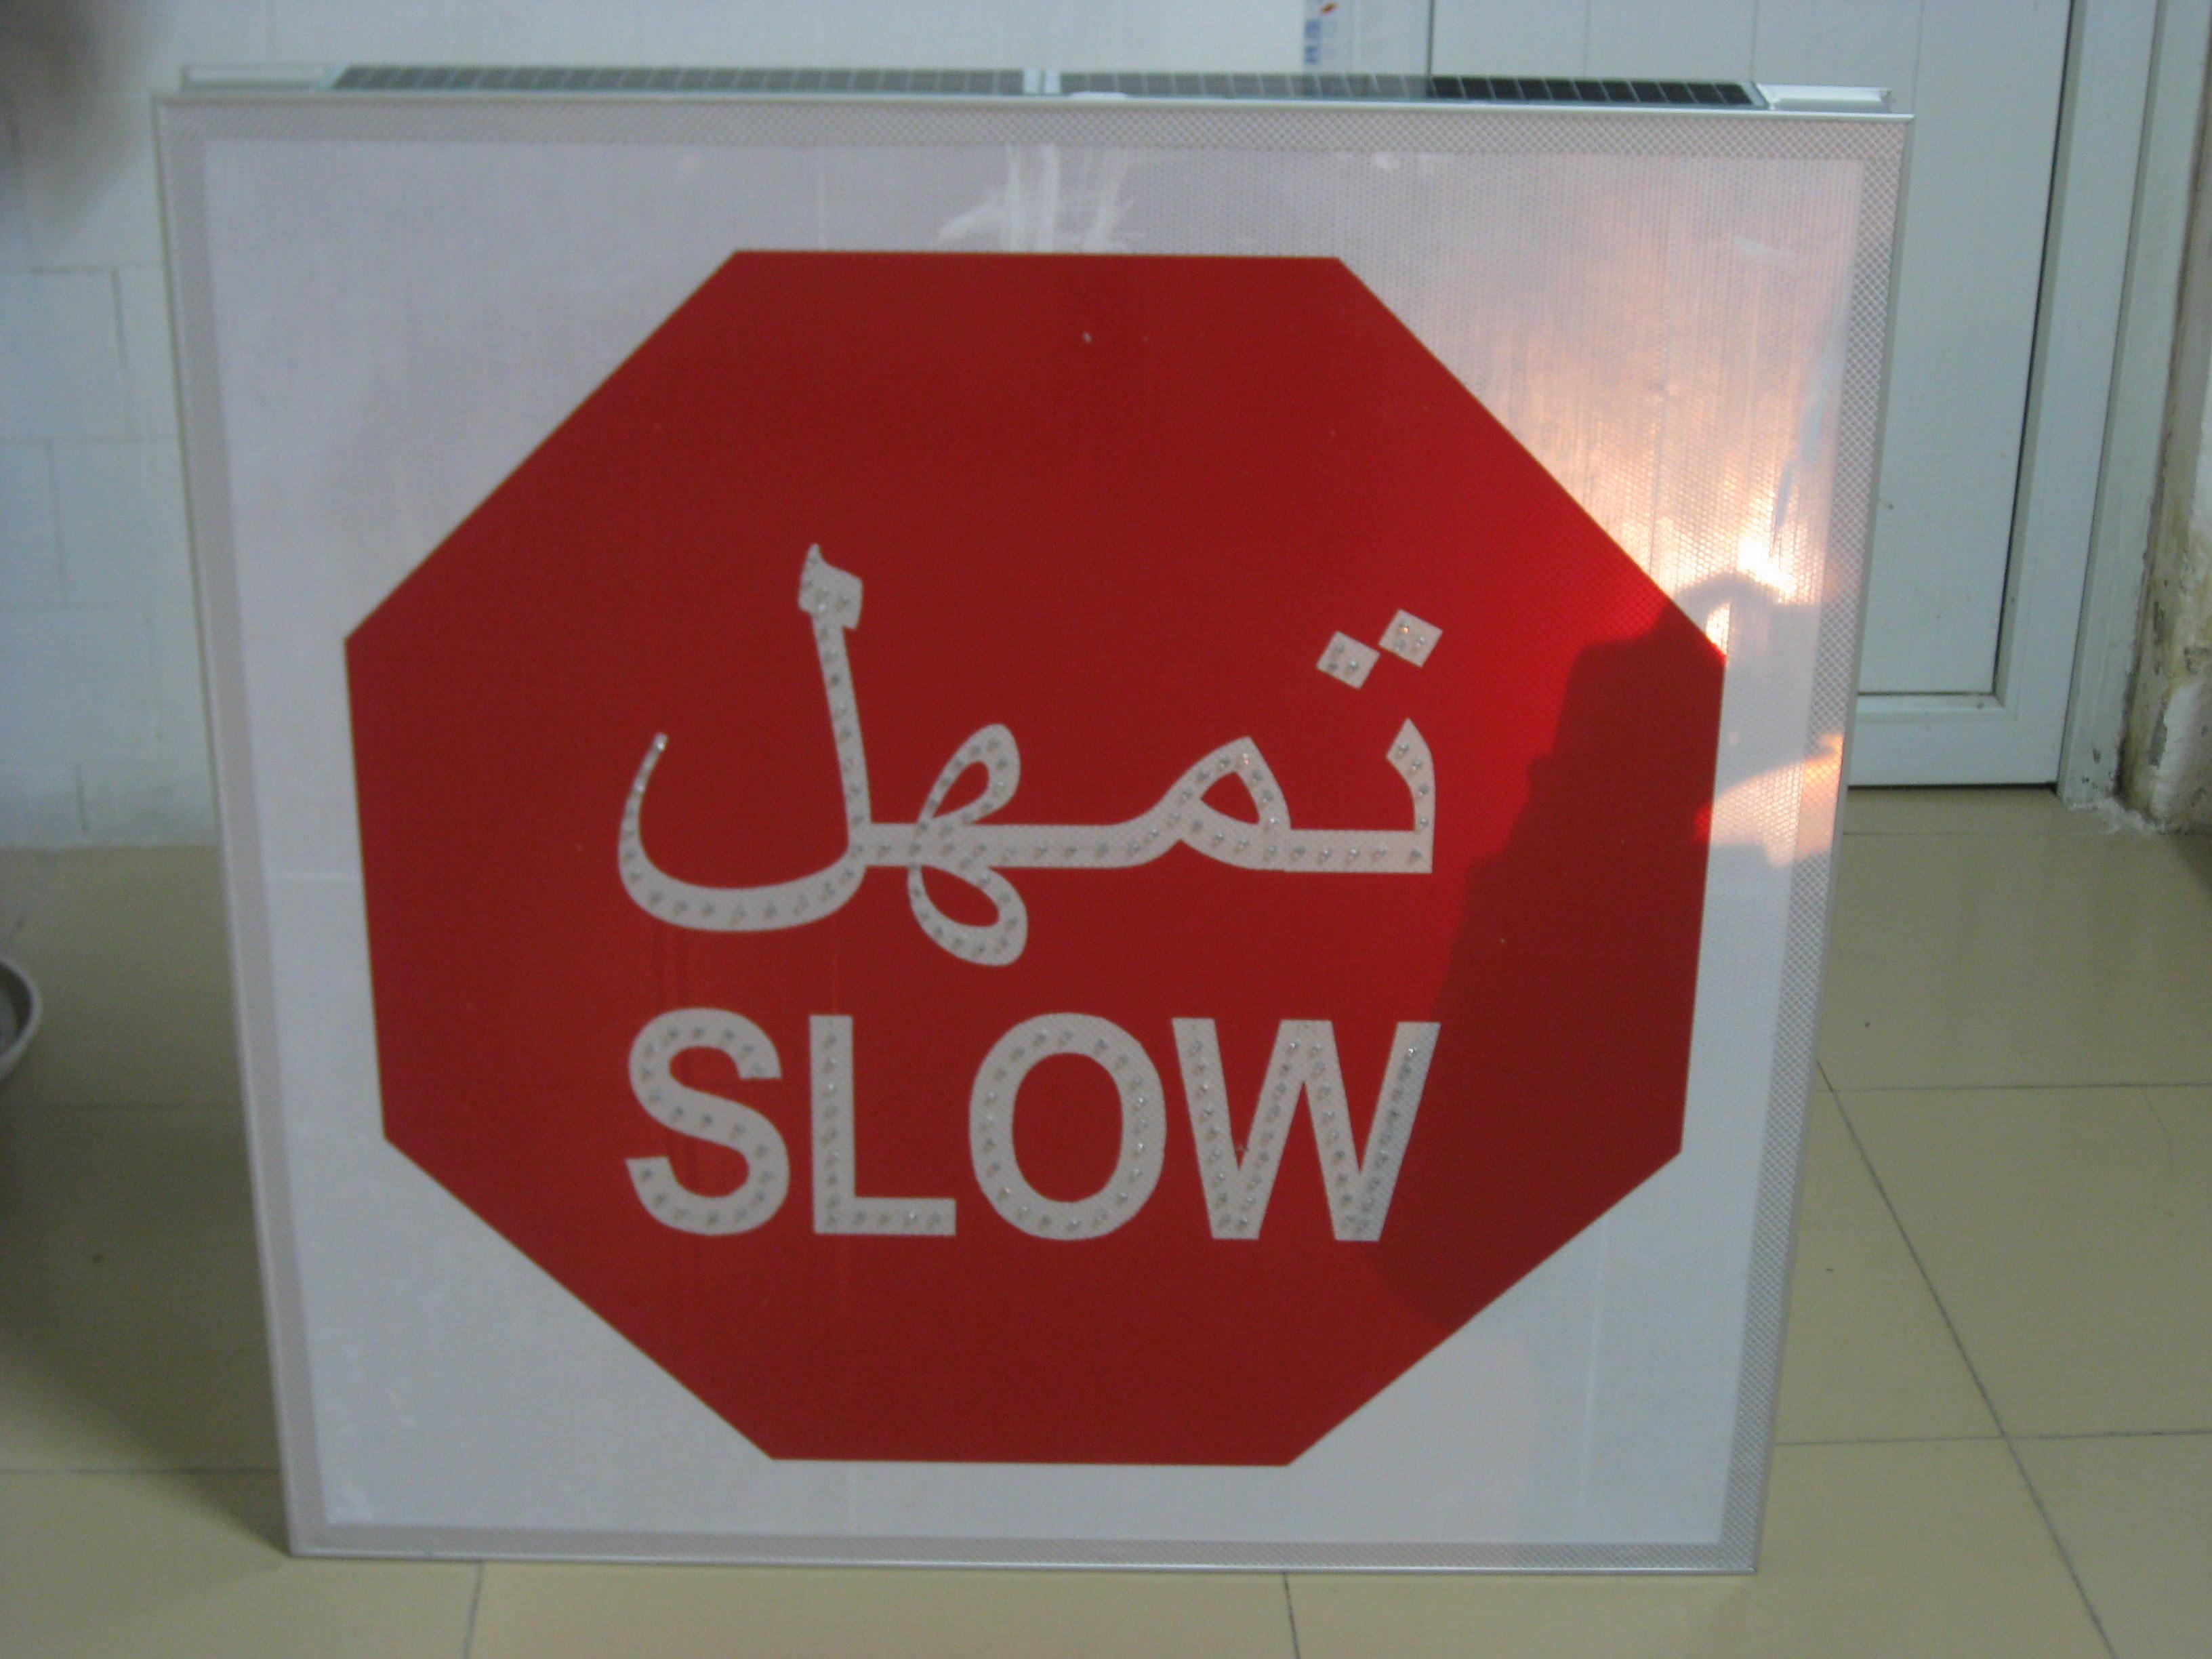 China Solar Led Slow Sign Solar Led Slow Sign Led Slow